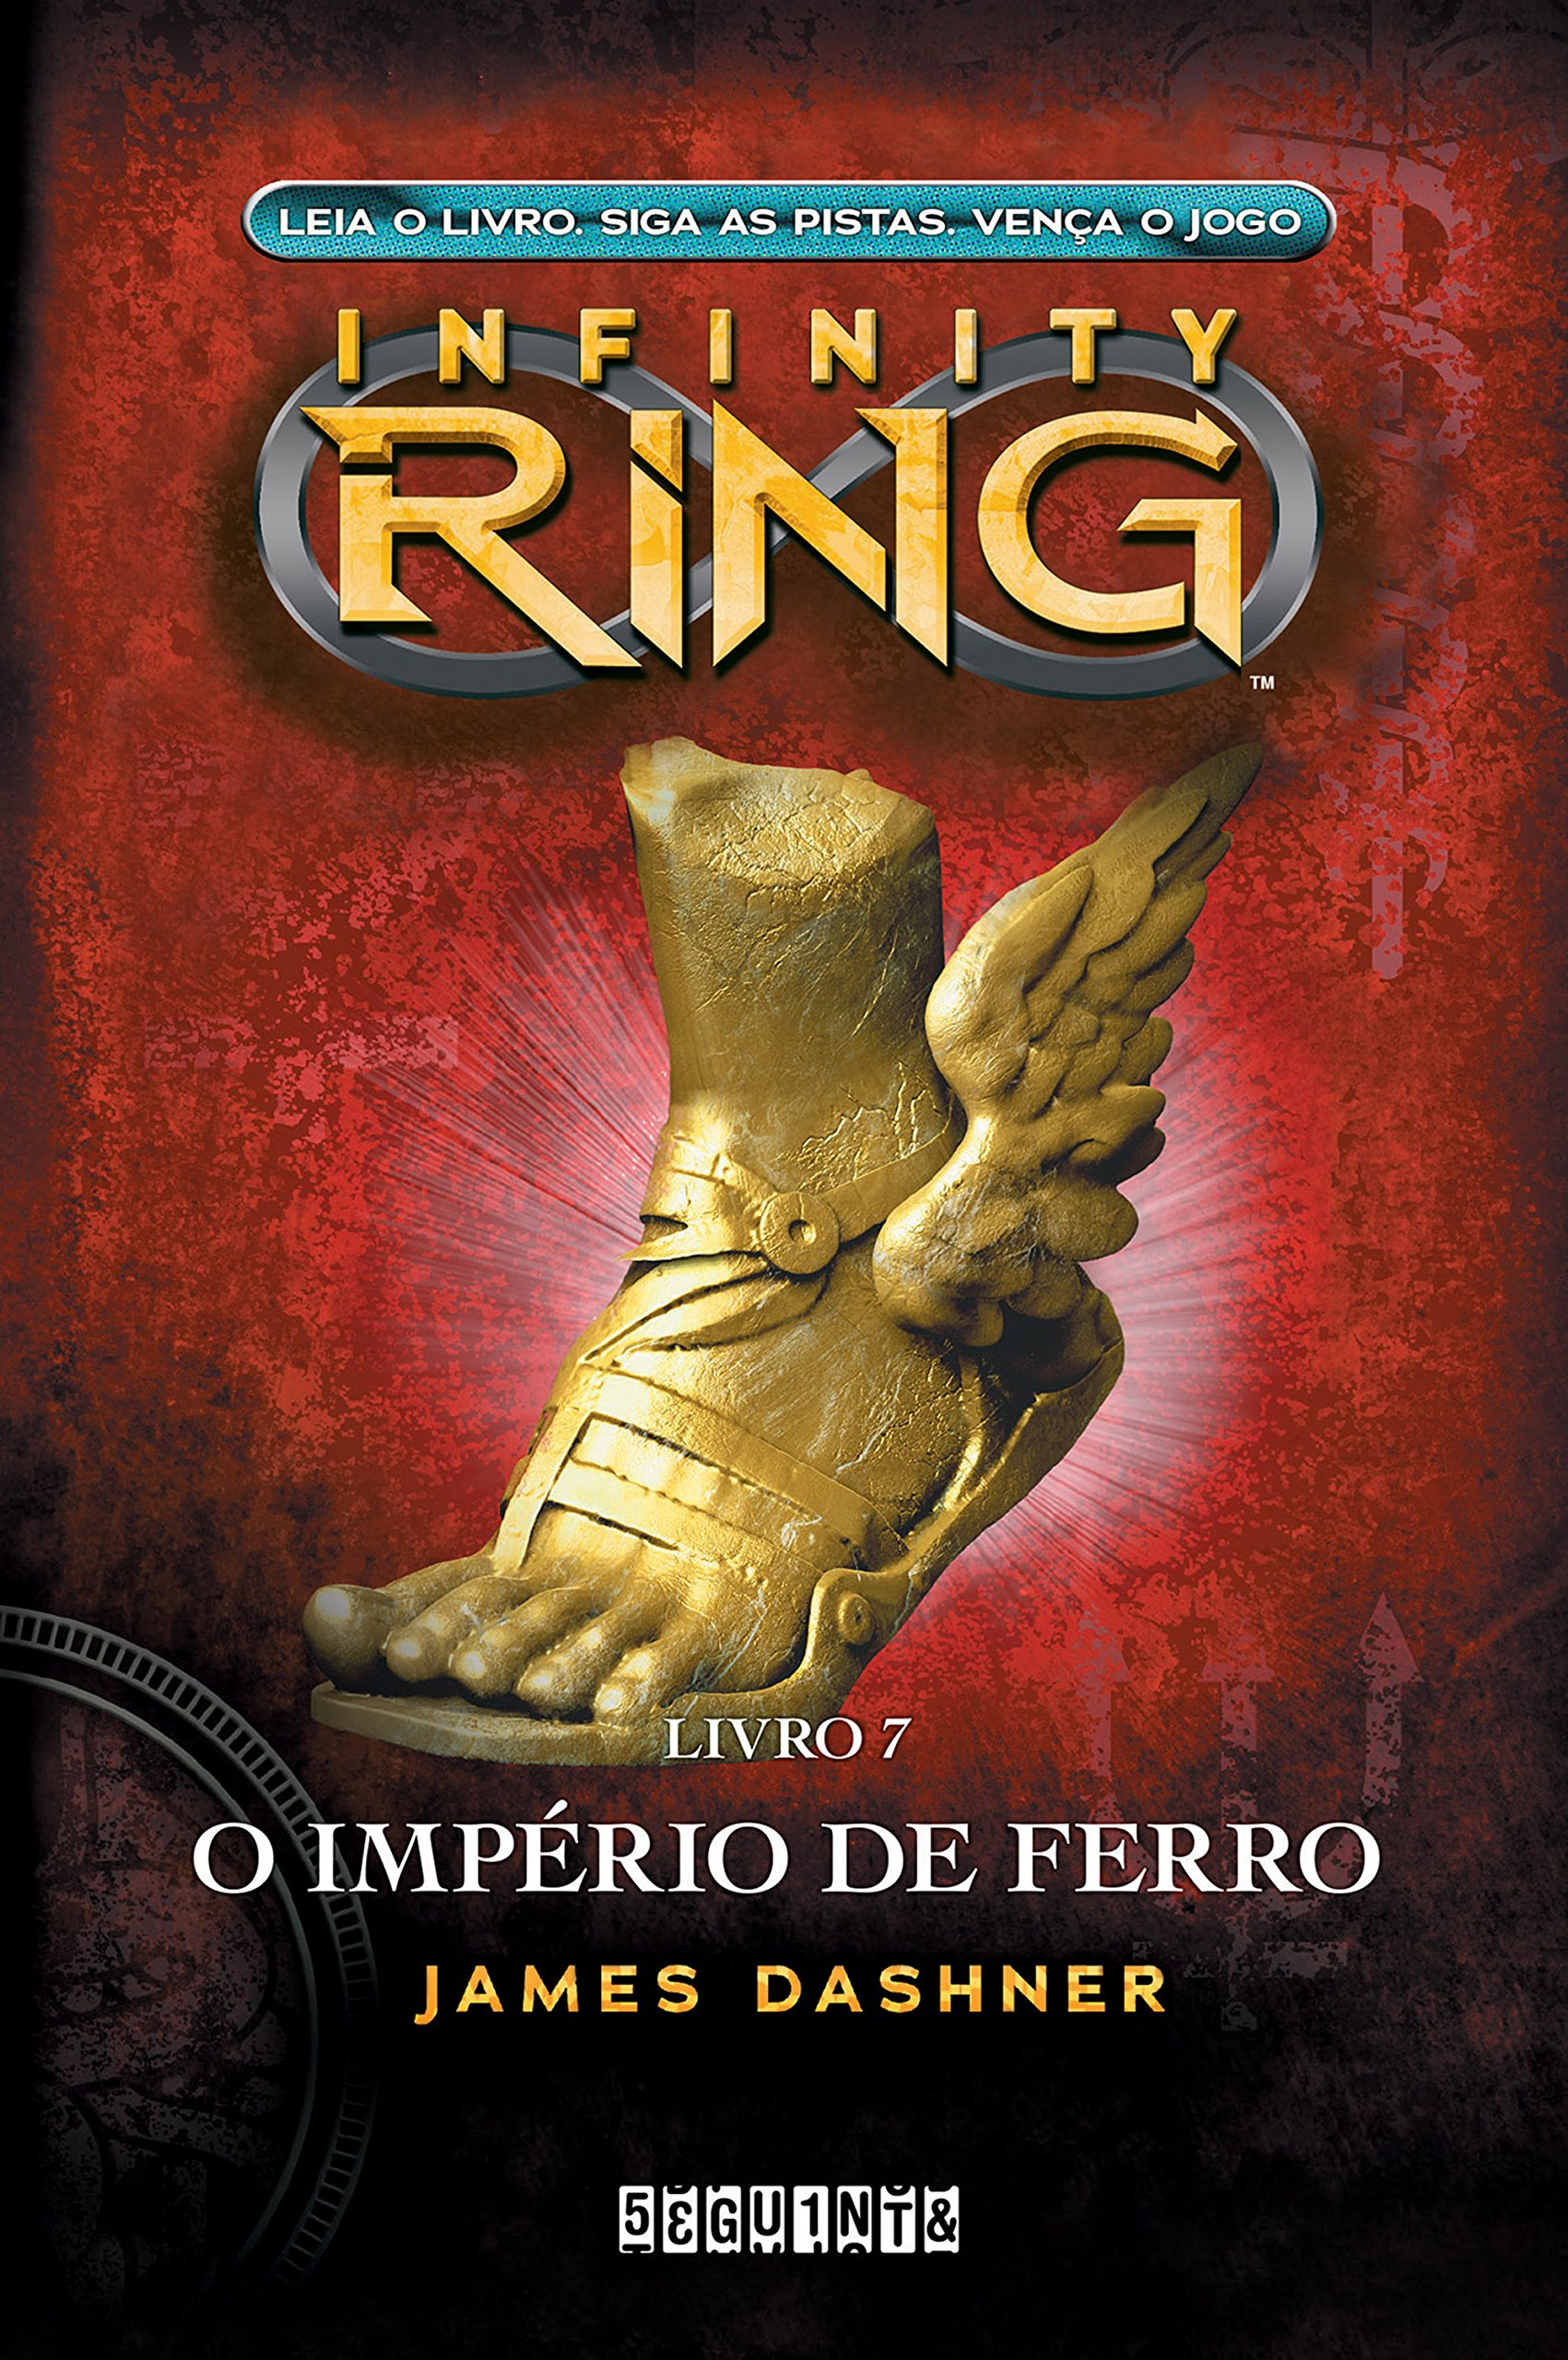 O império de ferro (Infinity Ring Livro 7)